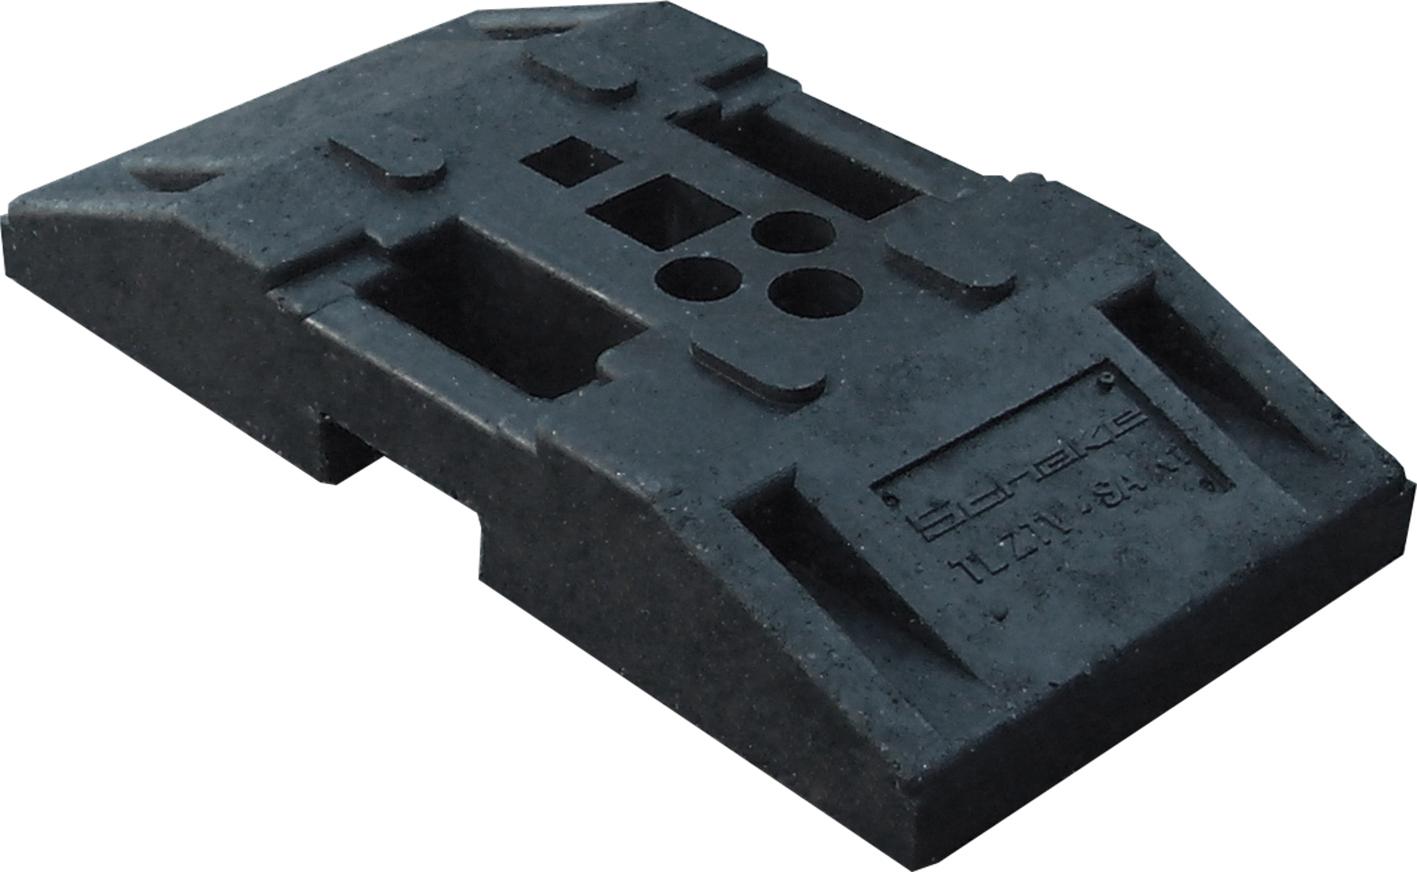 Schake TL-Fußplatte nach K1 - 750 x 380 x 130 mm